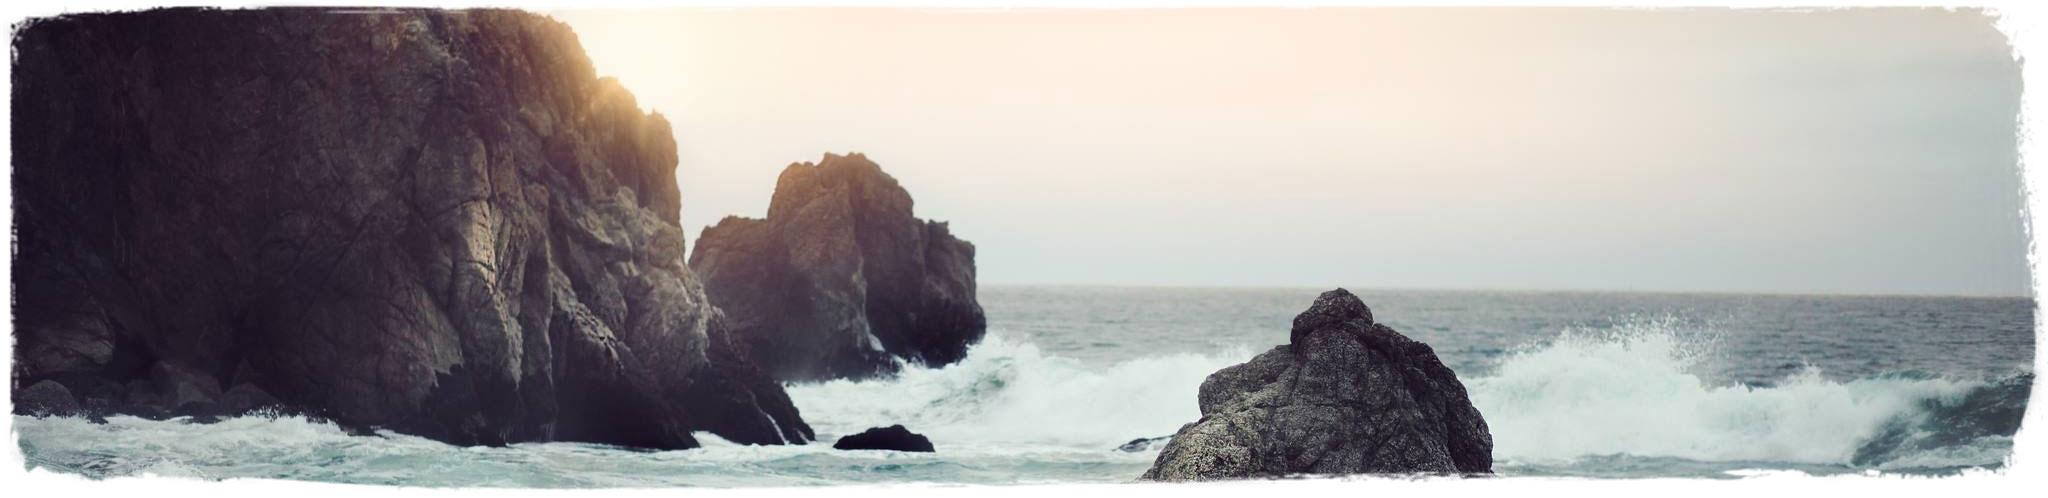 Ocean waves crashing on large rocks